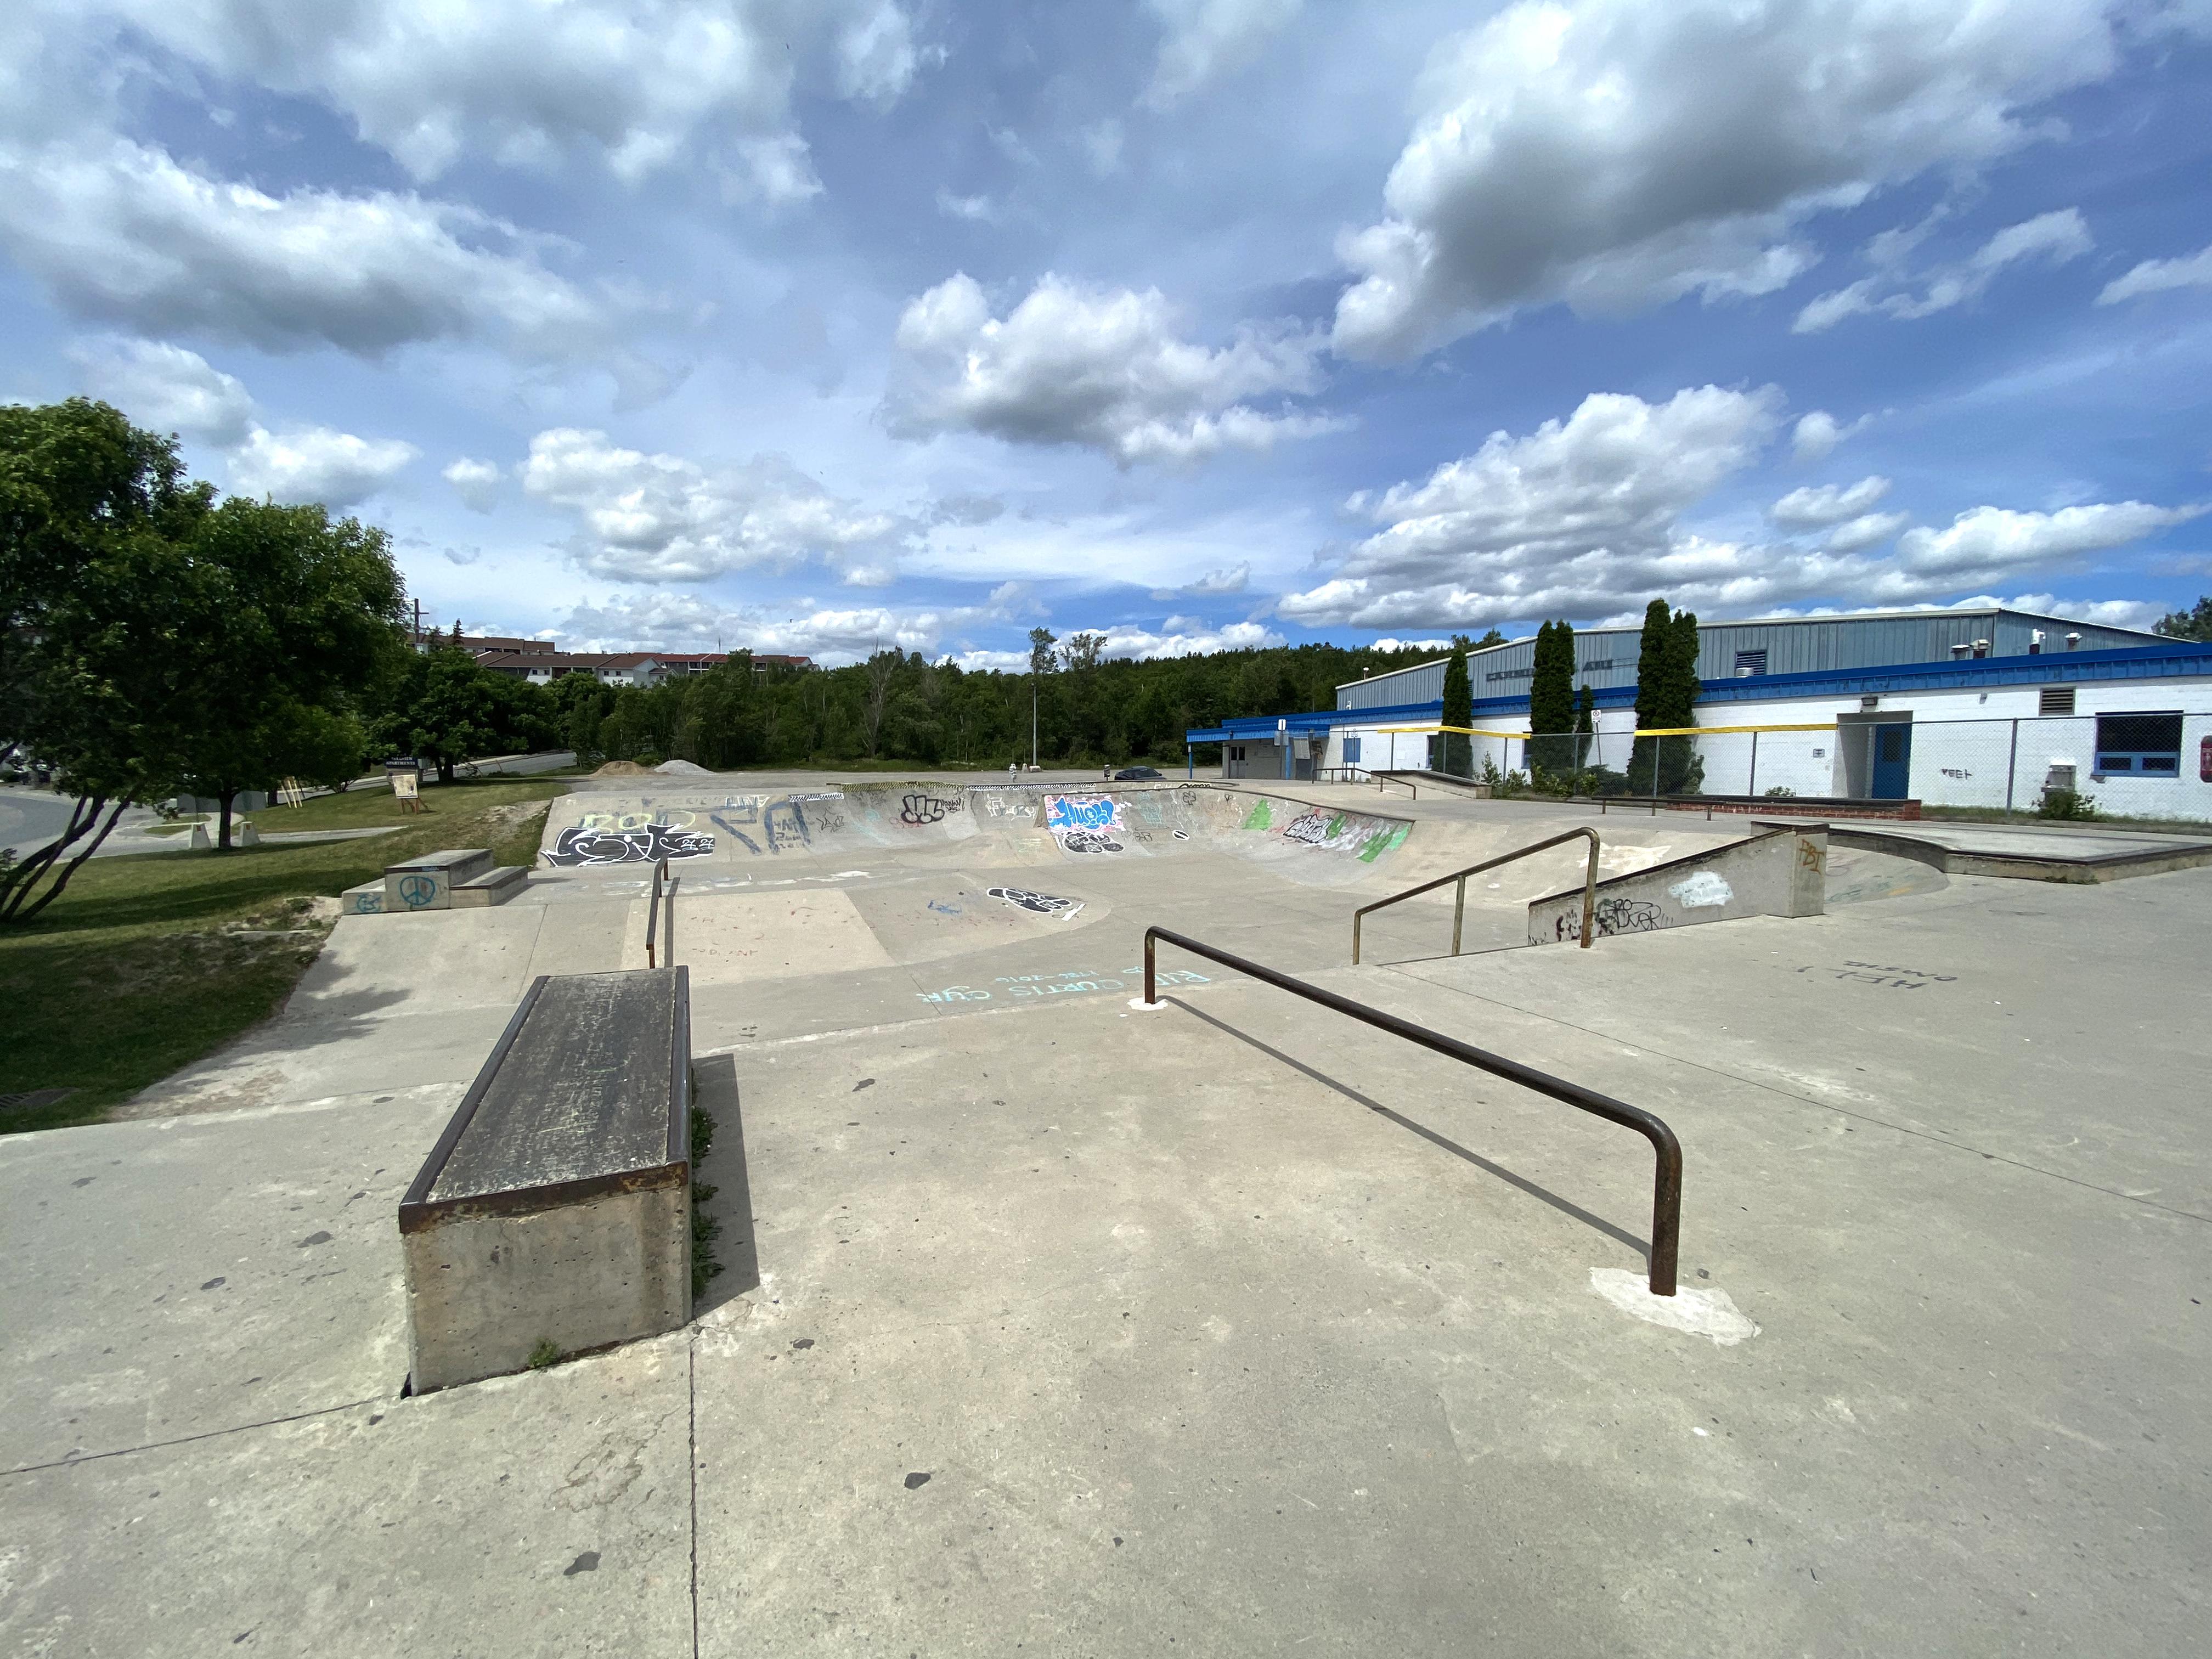 Sudbury Skatepark rail and ledge